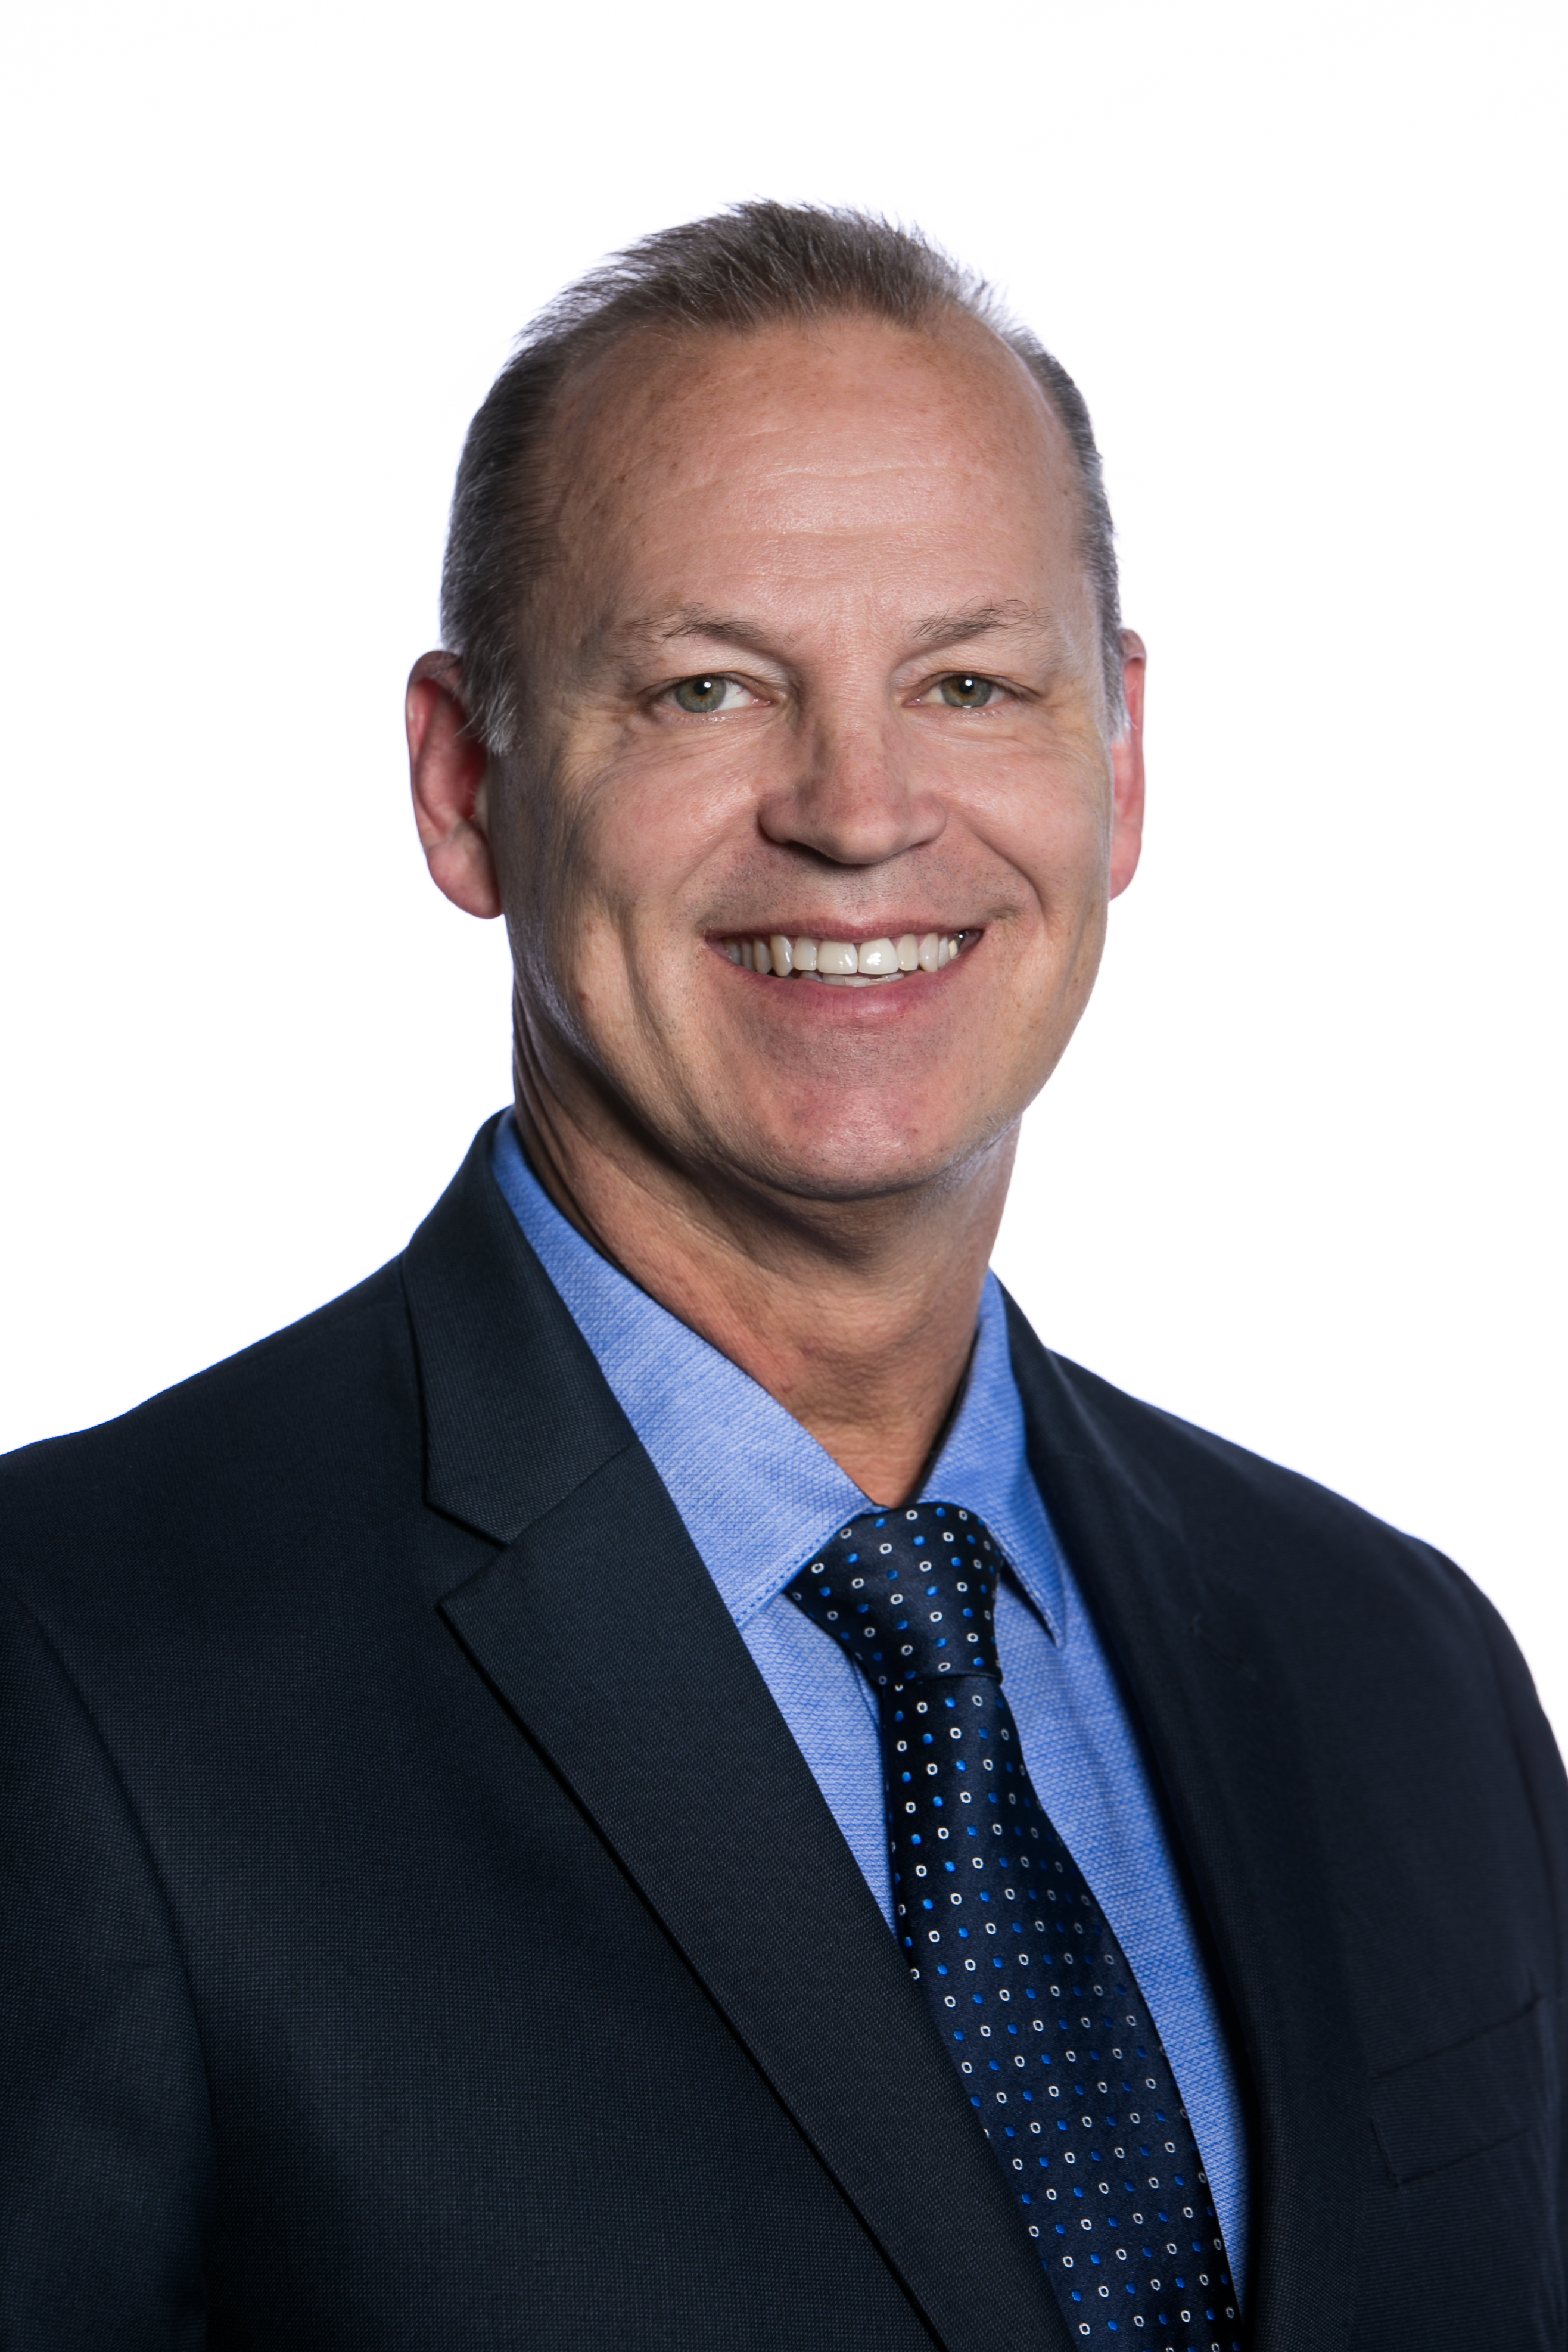 Robert Brooker   Health and Life Insurance Agent   New Braunfels, TX 78130